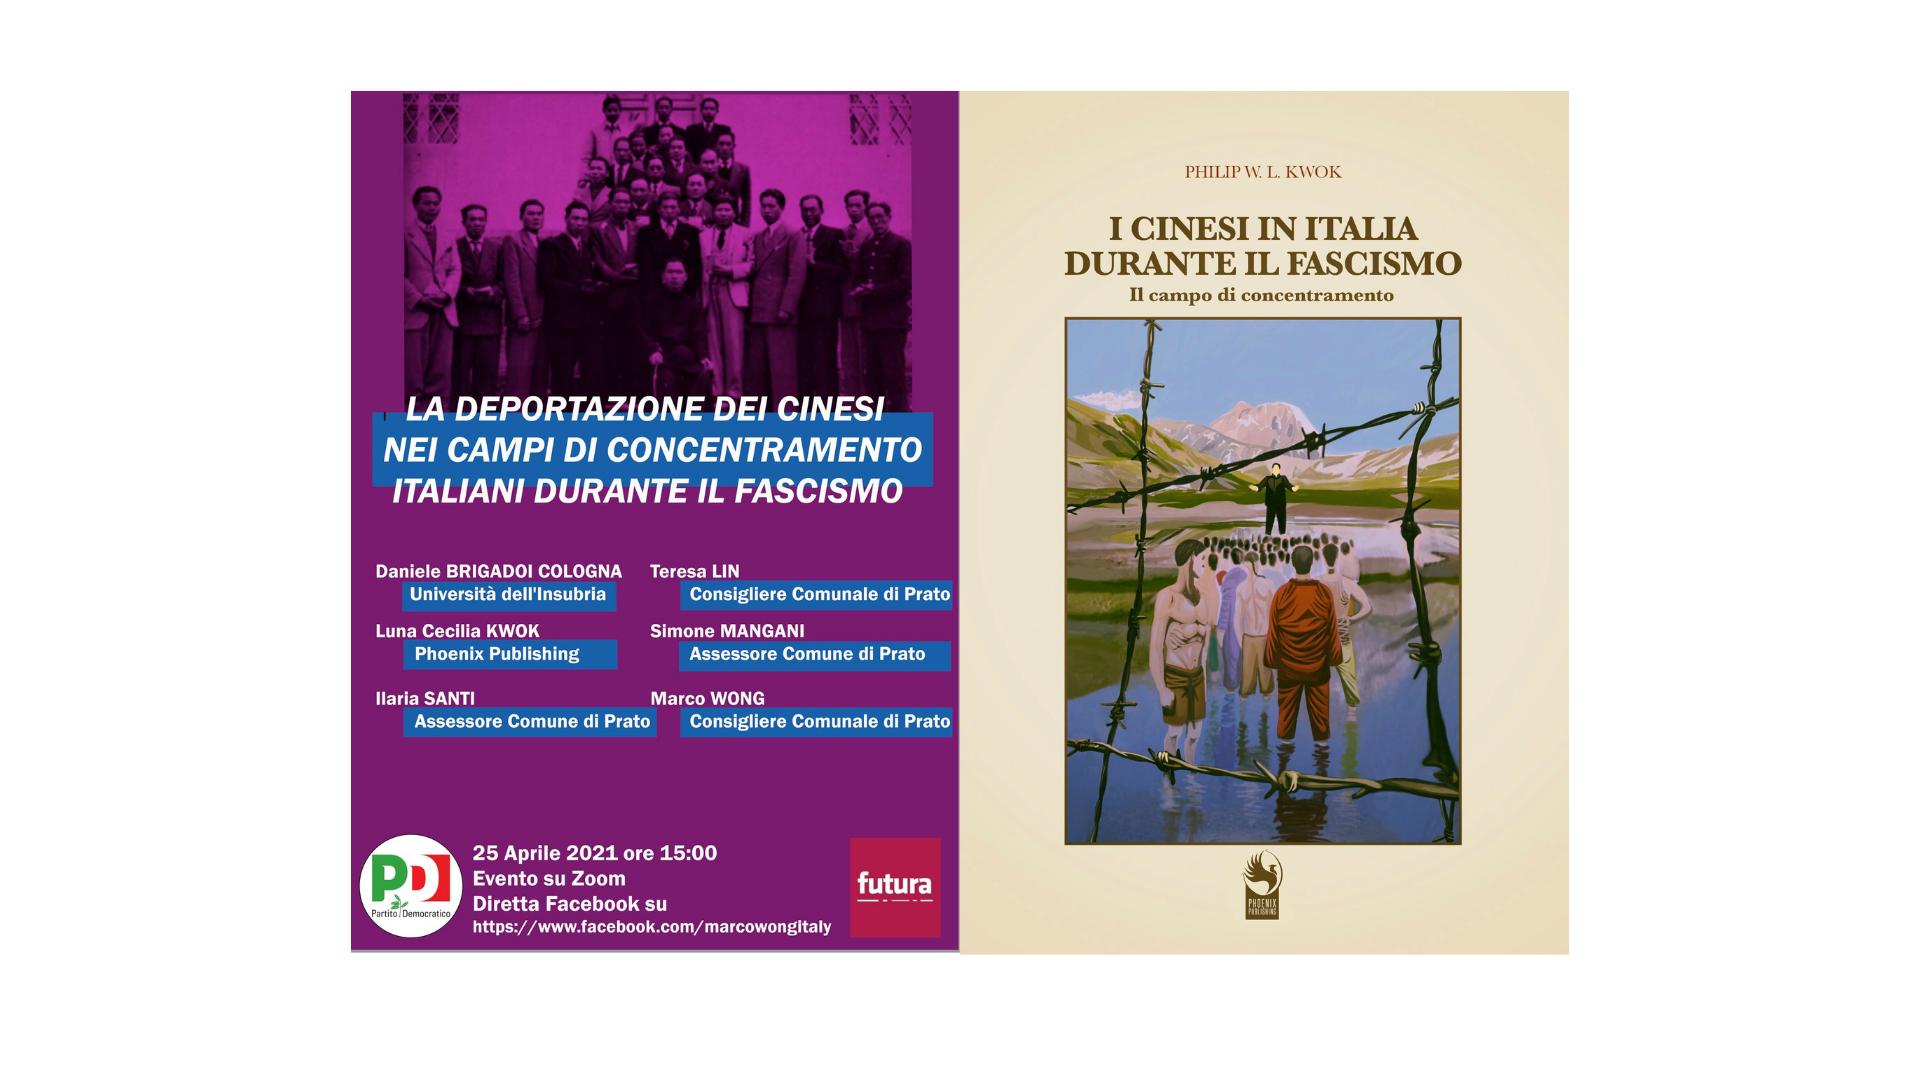 La deportazione dei cinesi nei campi di concentramento italiani durante il fascismo